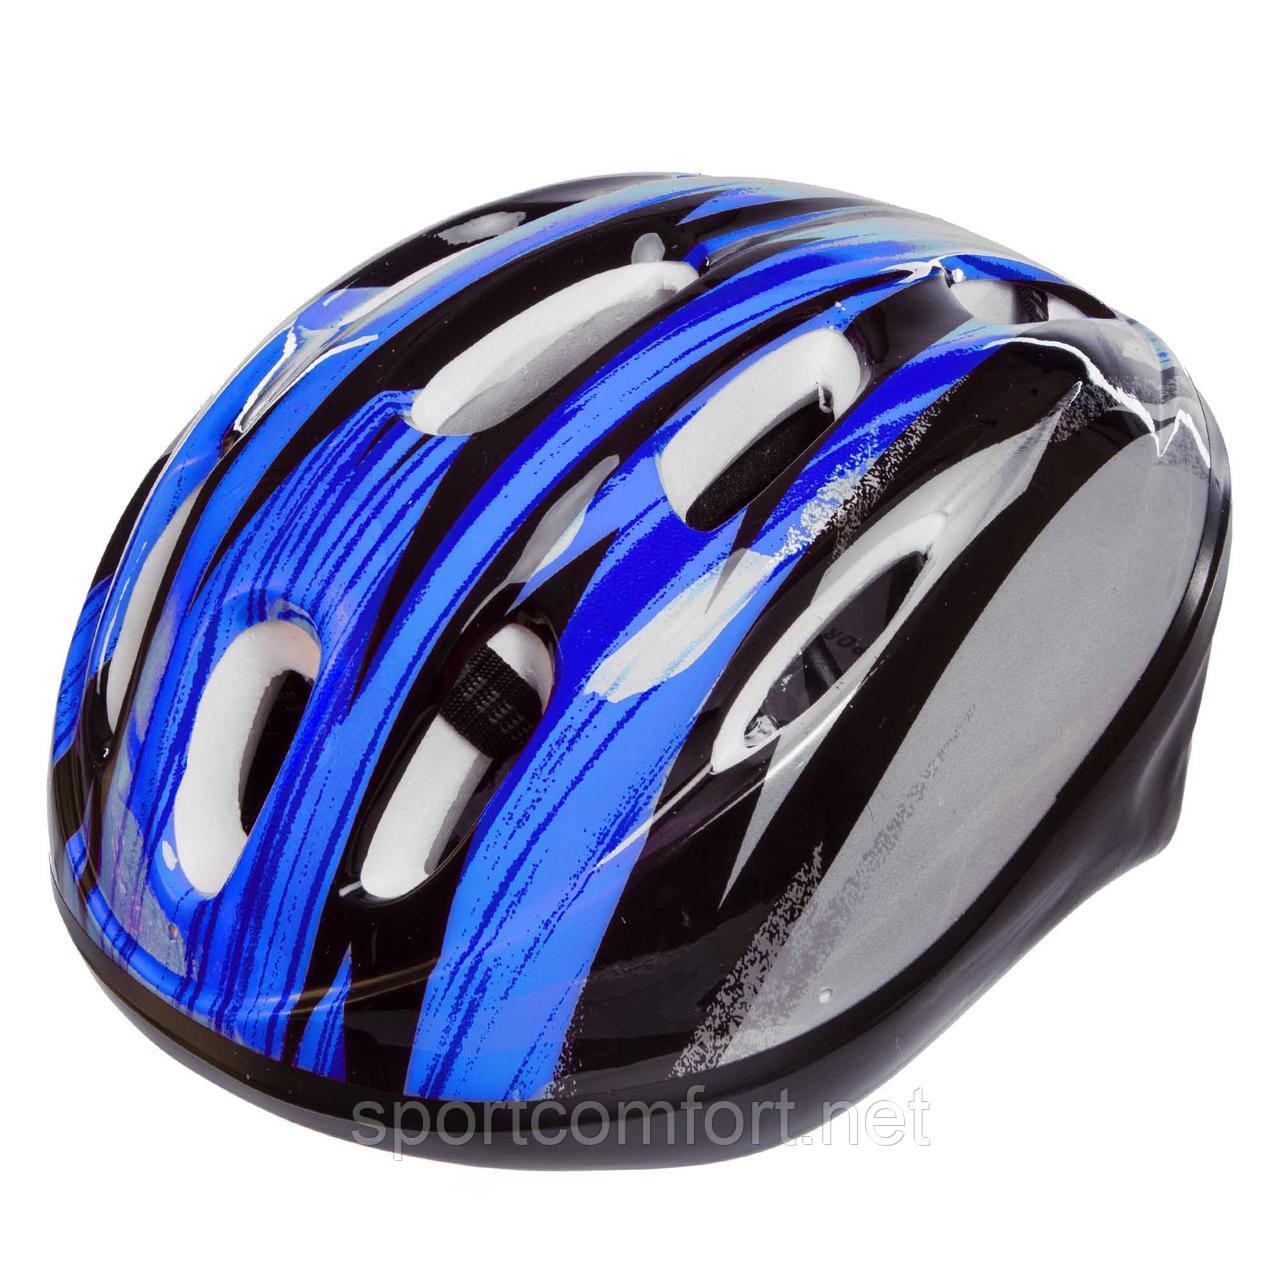 Велошлем шоссейный с механизмом регулировки Zelart MV10 (EPS, пластик, PVC, р-р S-L(53-61)